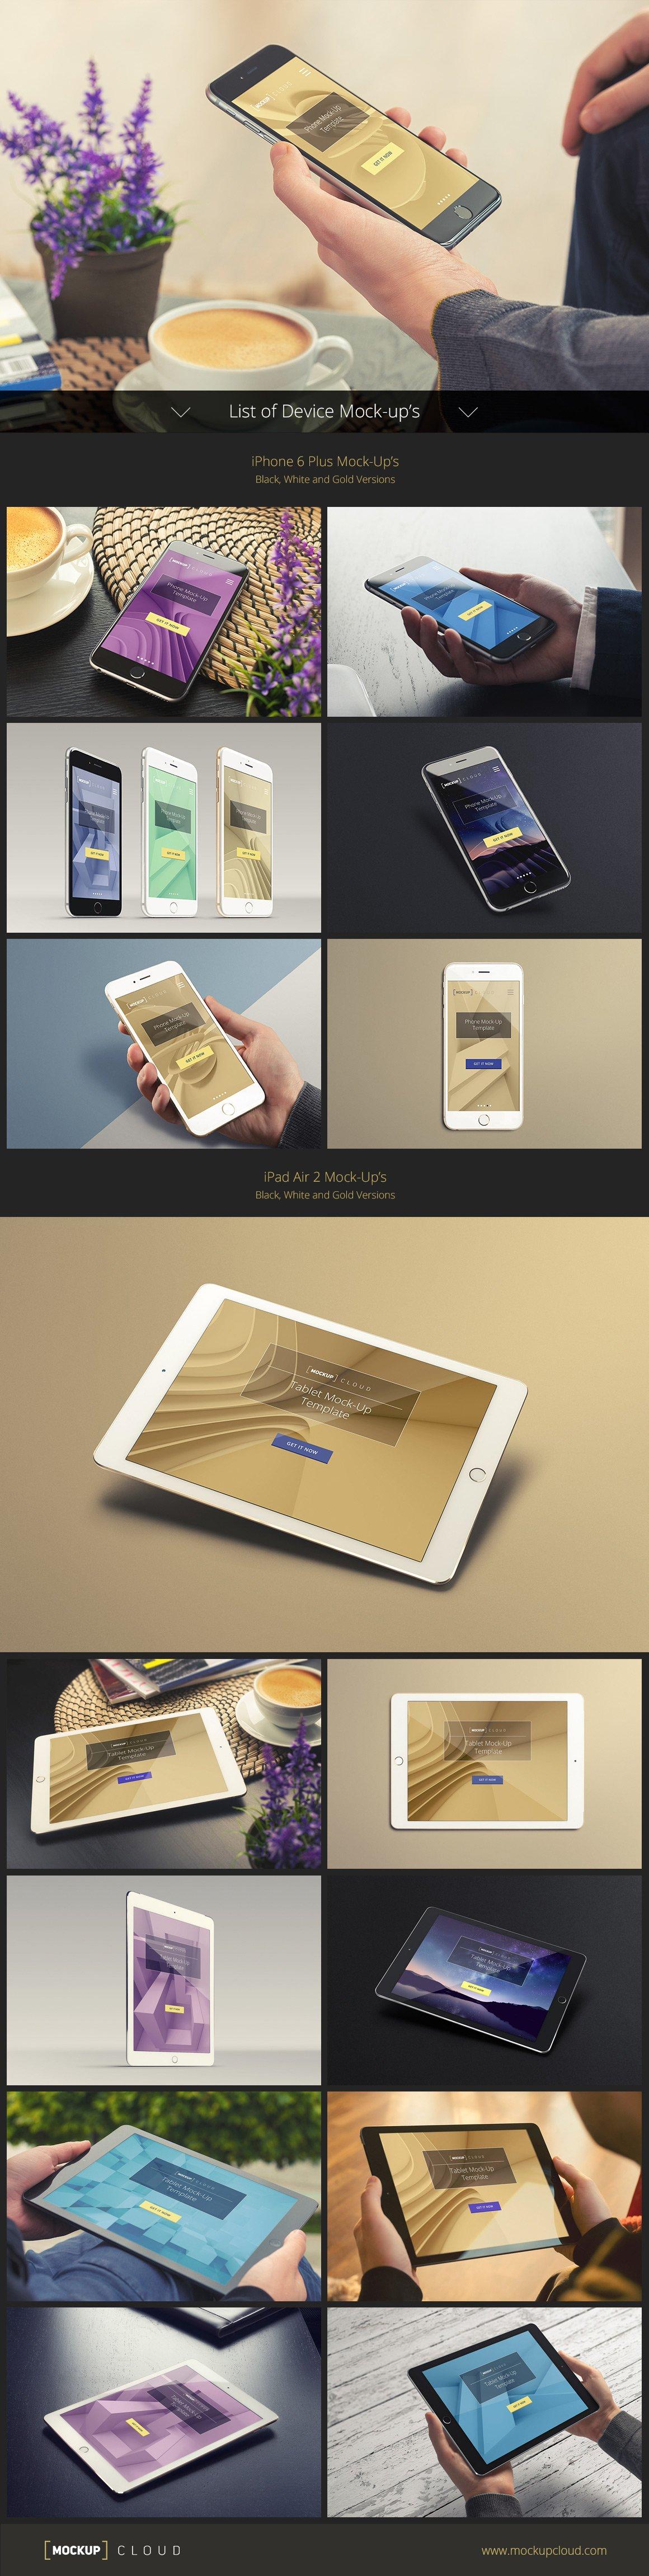 [12.72 GB] 超巨量品牌产品设计展示效果图样机模板集合 Branding Mockup's Bundle插图(5)